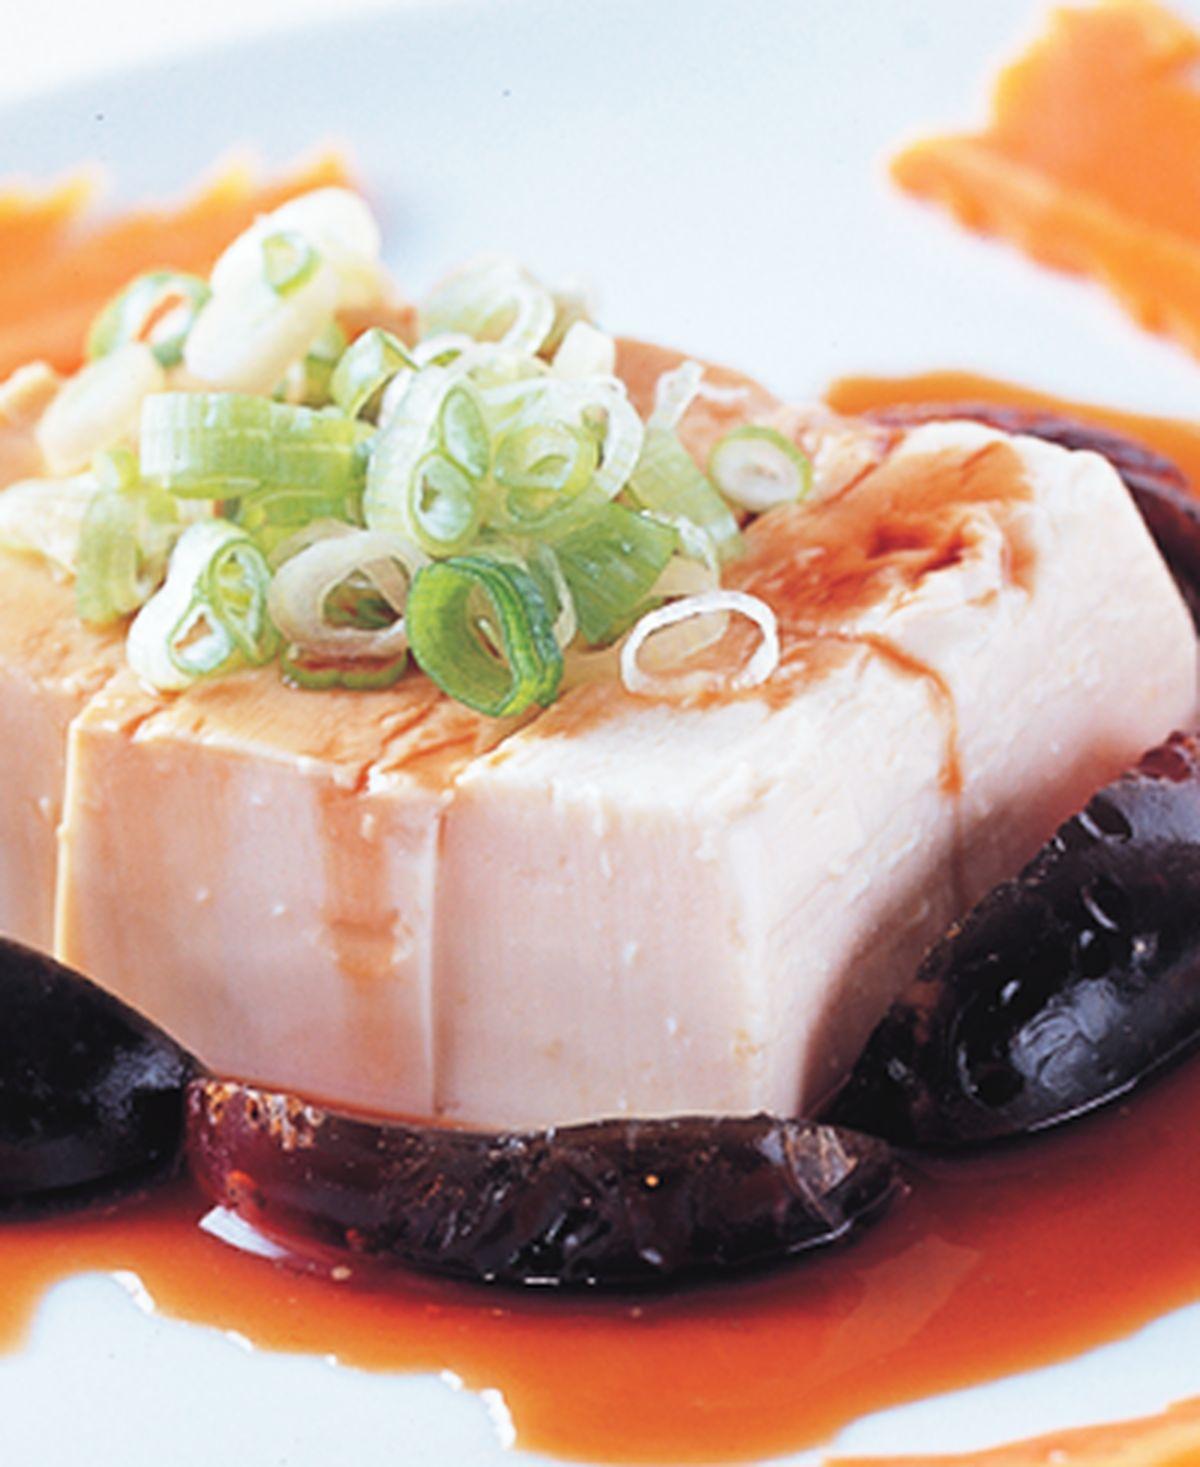 食譜:皮蛋蔥花拌豆腐